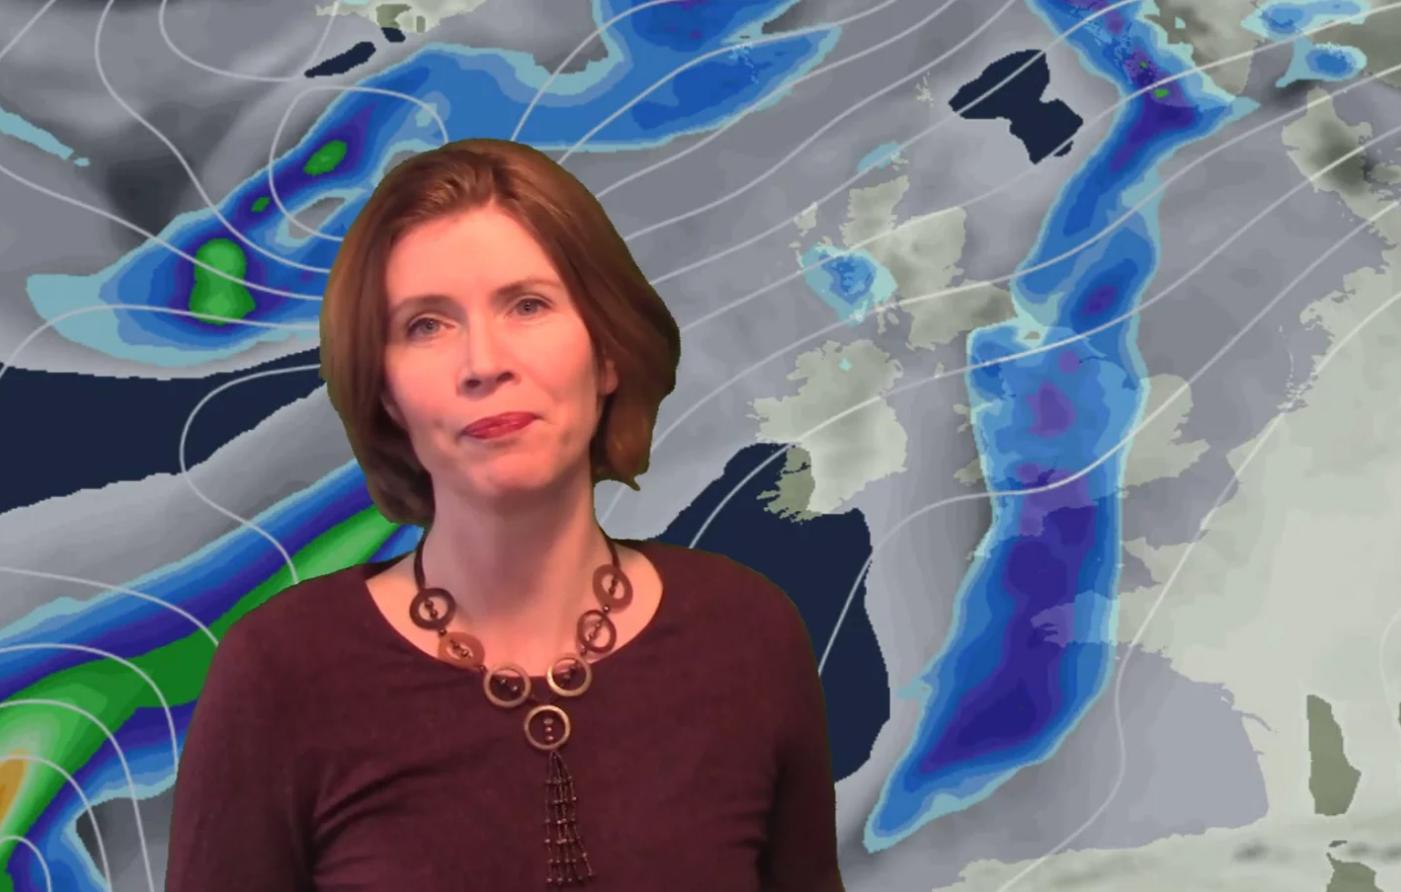 Video: Much milder, some rain too